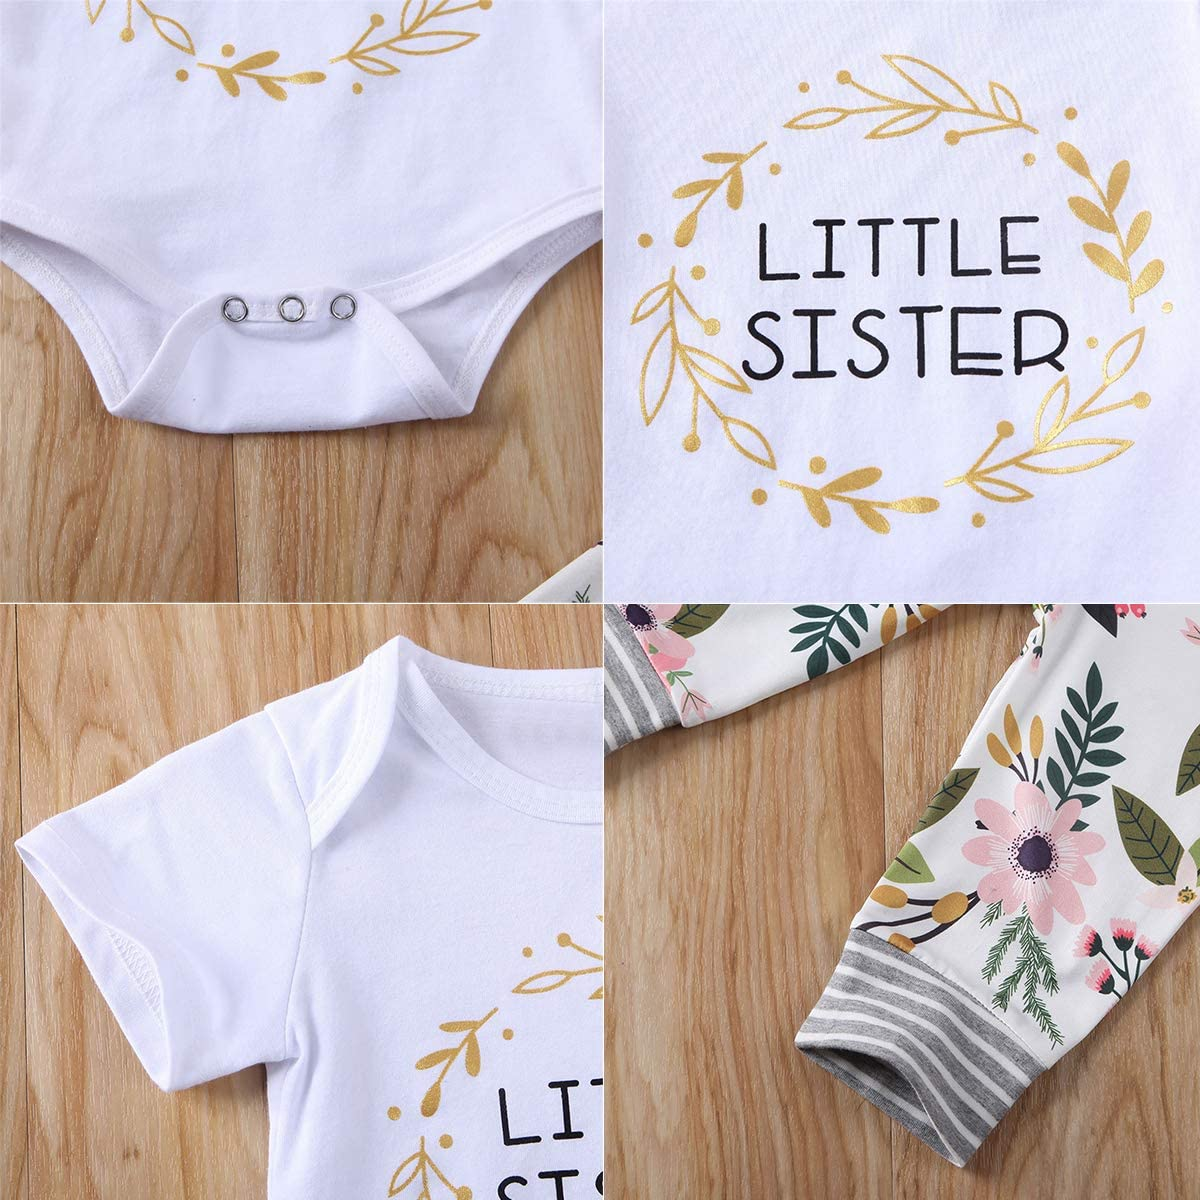 Borlai Schwester Die Kleidungsbabys Gro/ße Kleine Schwester Zusammenbringt Stellte Blumenkleidungssatz EIN